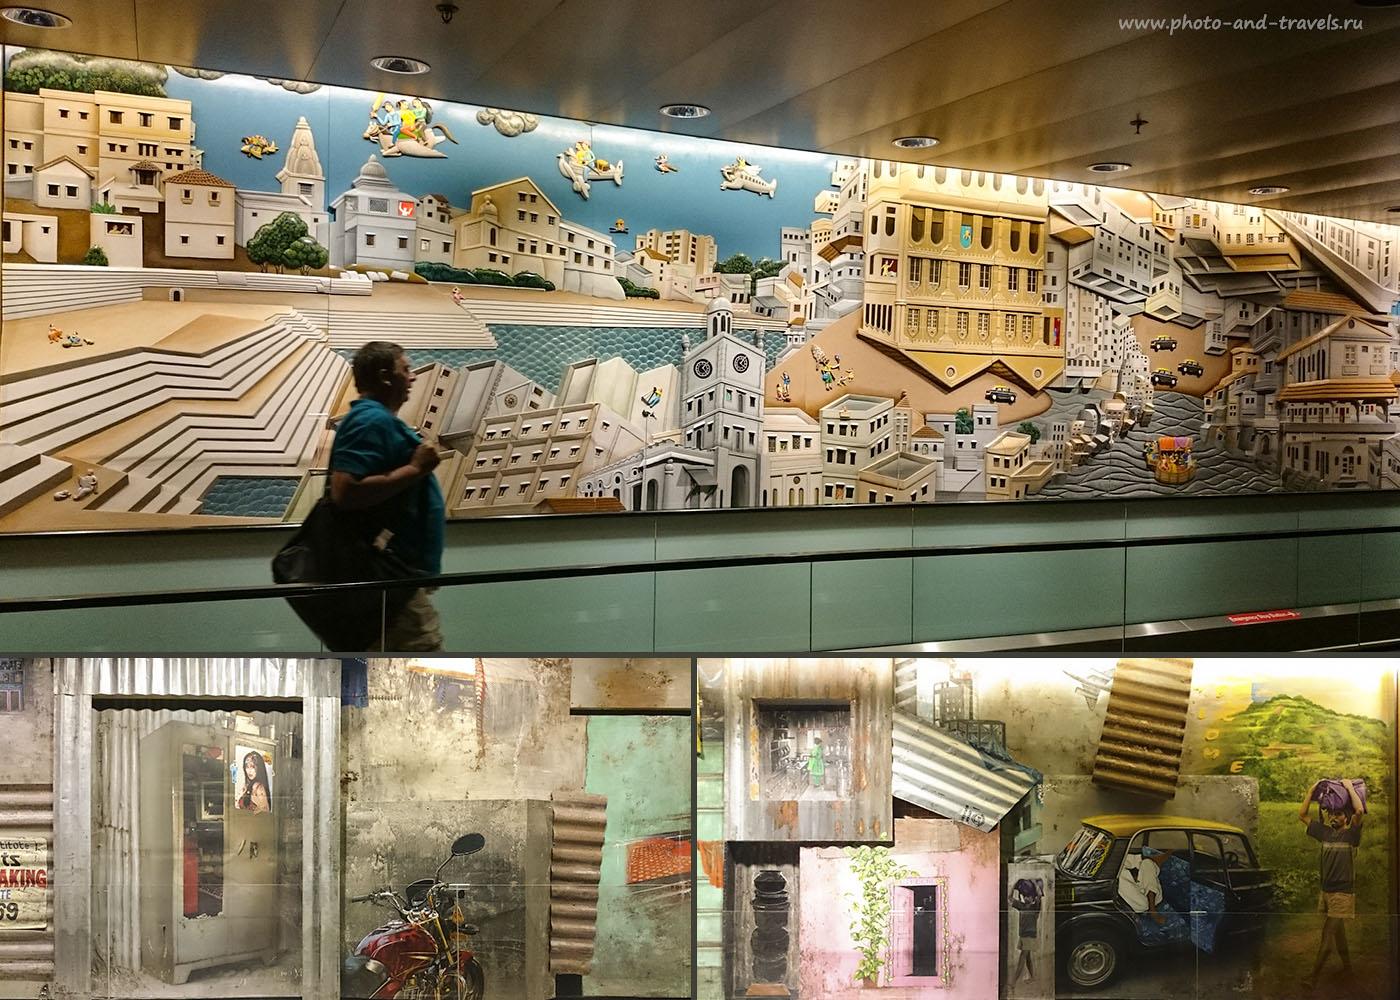 4. Смена декораций в аэропорту Мумбаи. Отчеты туристов о поездке в Индию. Снято на мобильный